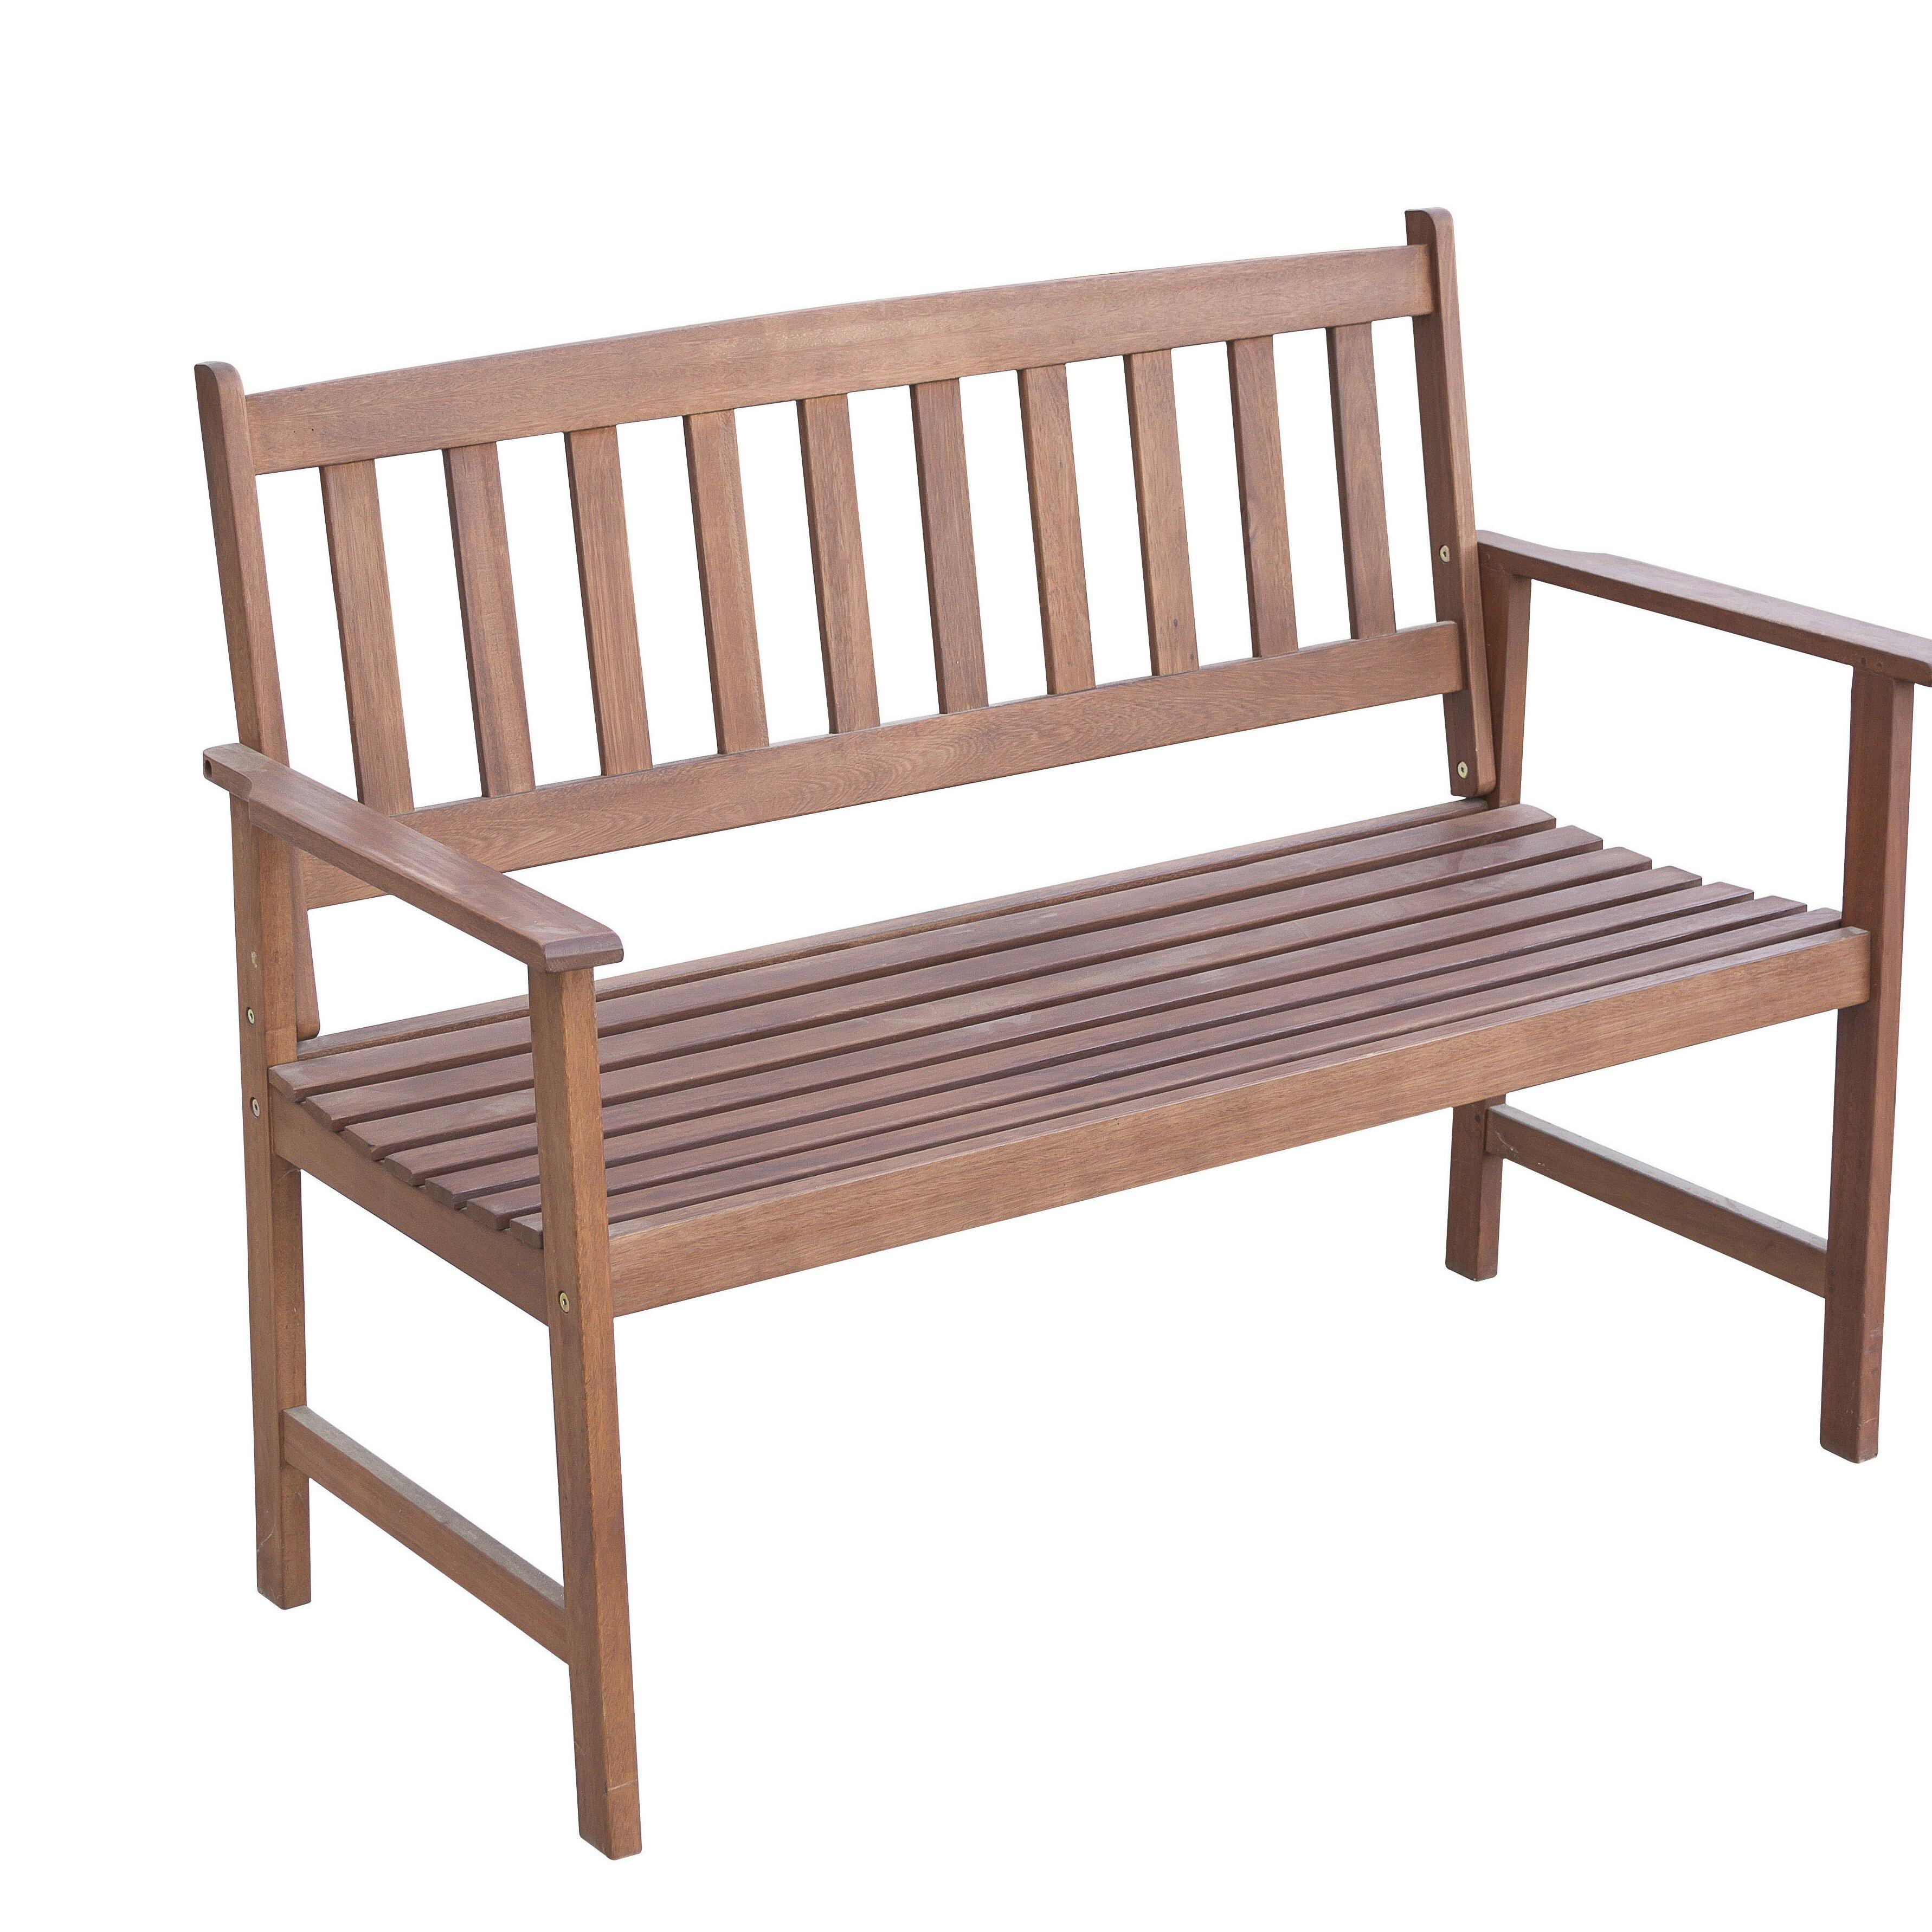 m hlenhaus 2 sitzer gartenbank newbury aus holz bewertungen. Black Bedroom Furniture Sets. Home Design Ideas